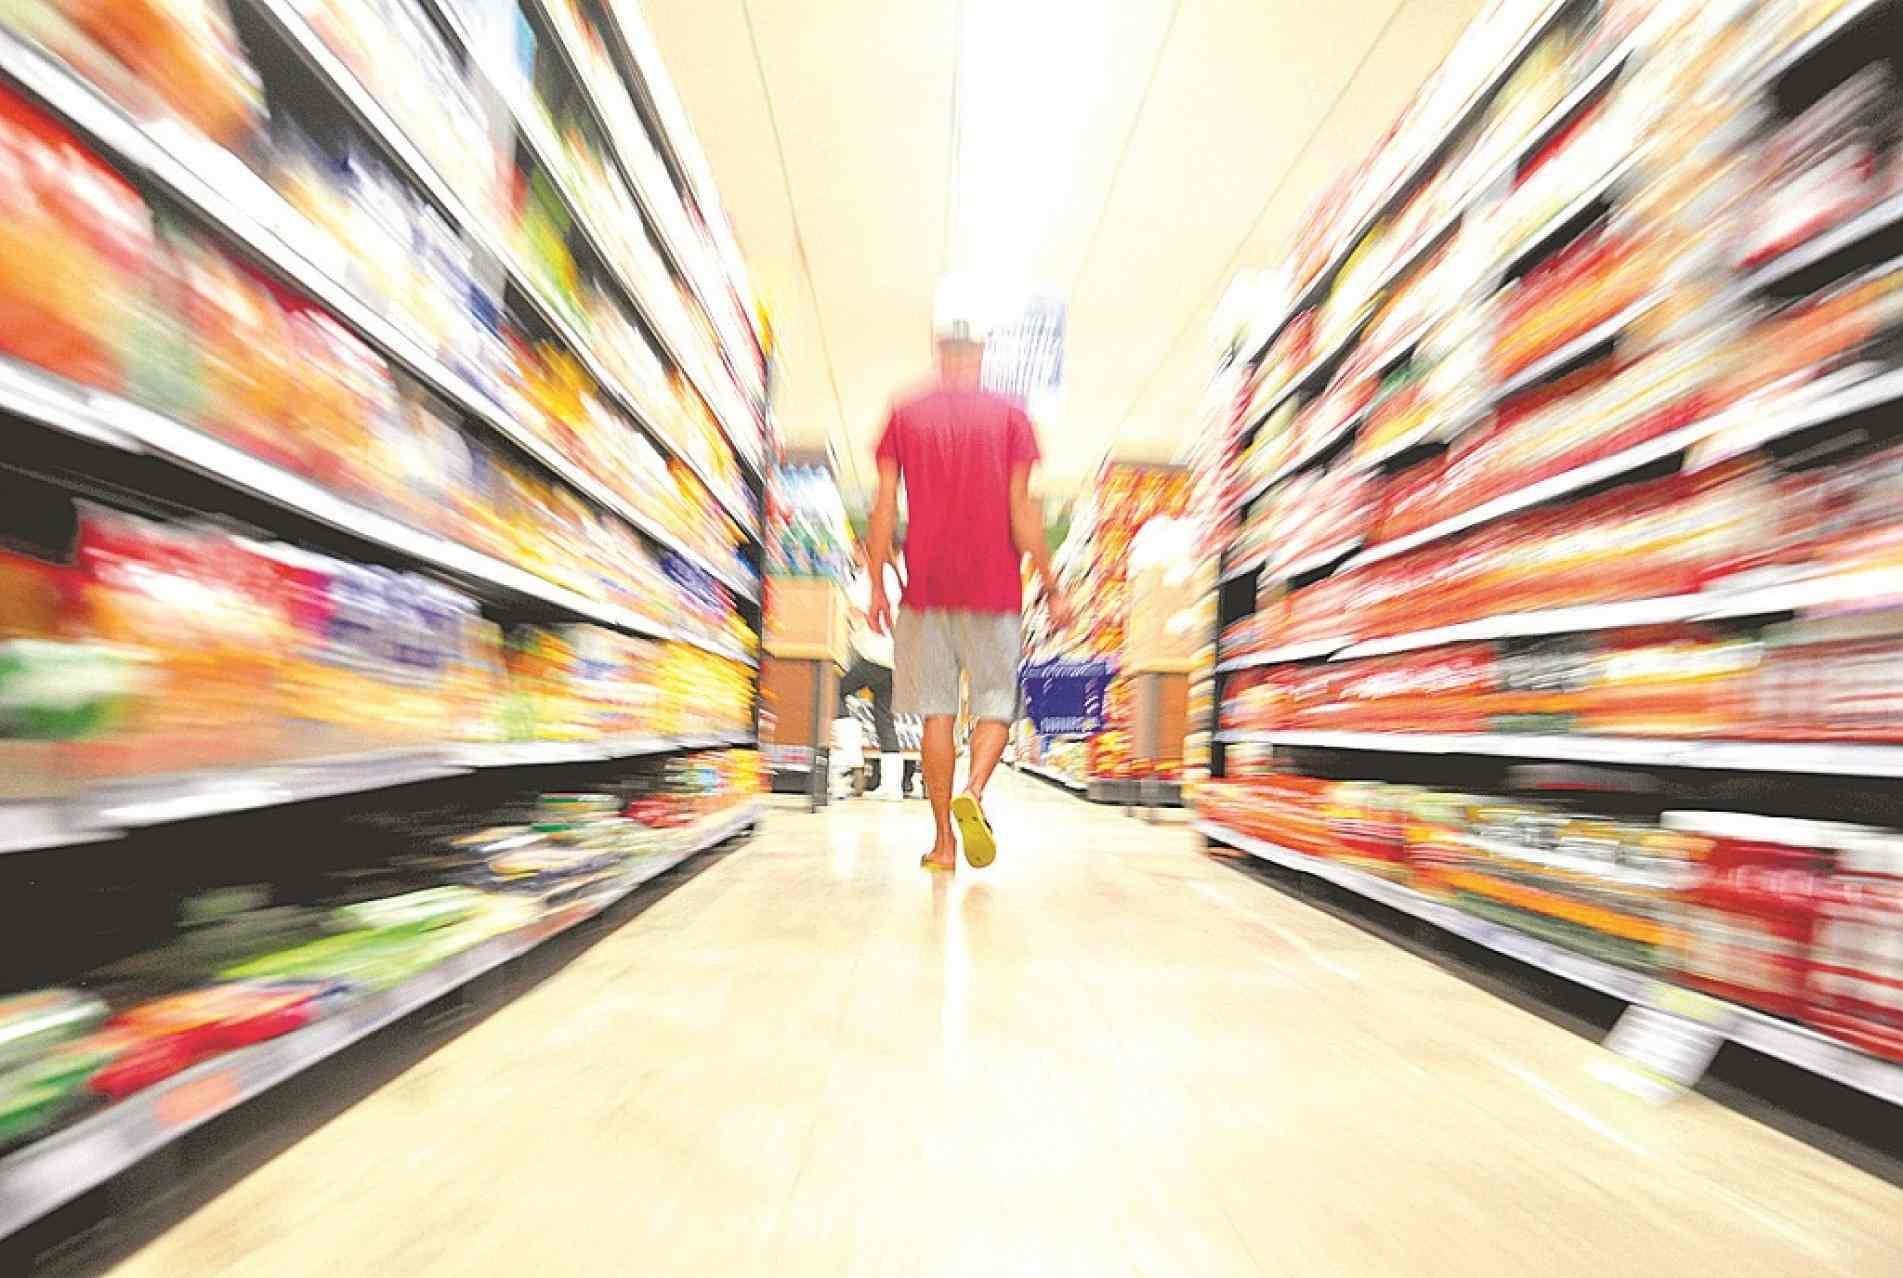 Sabonete foi o produto que mais subiu em setembro deste ano, com 22,64% de aumento ao consumidor